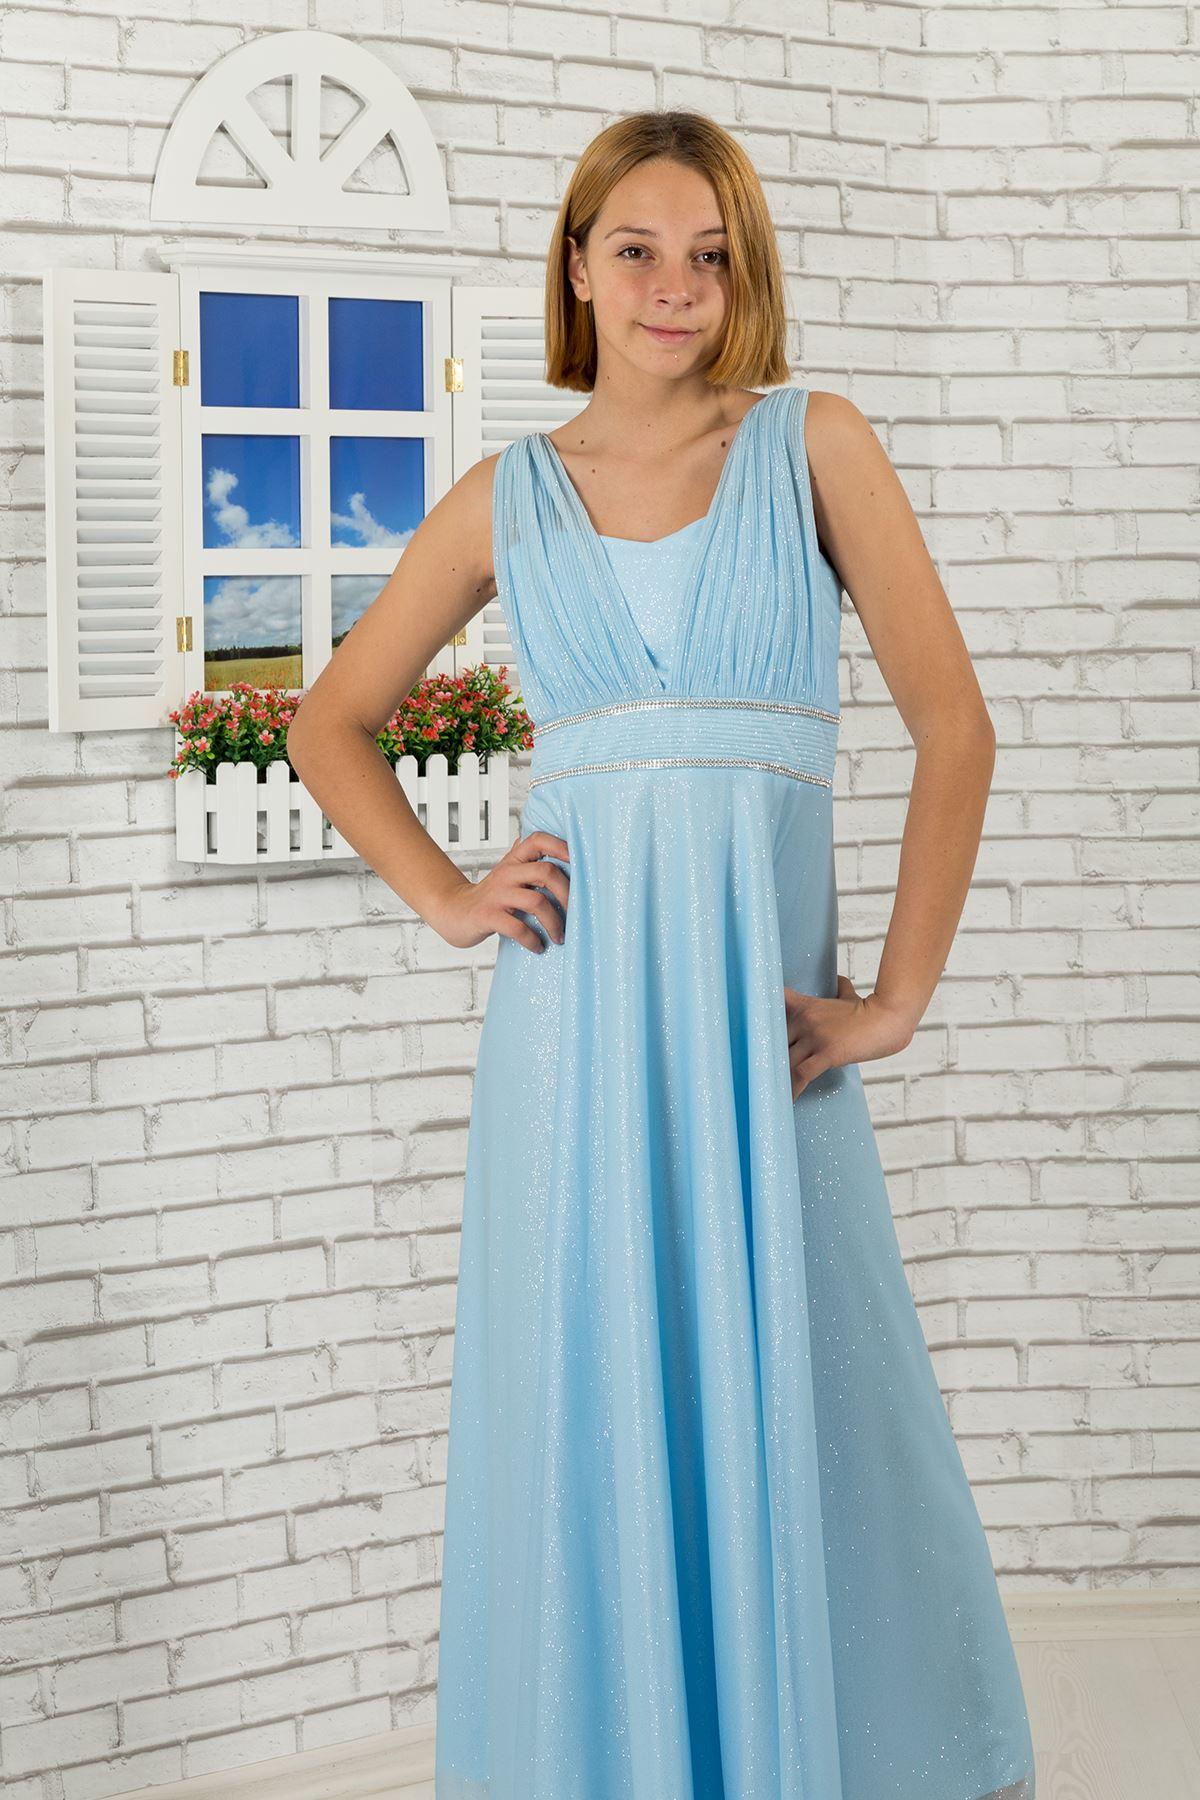 אבן מותניים, פרט צווארון, שמלת ערב ילדת שיפון כסופה 473 תינוק כחול